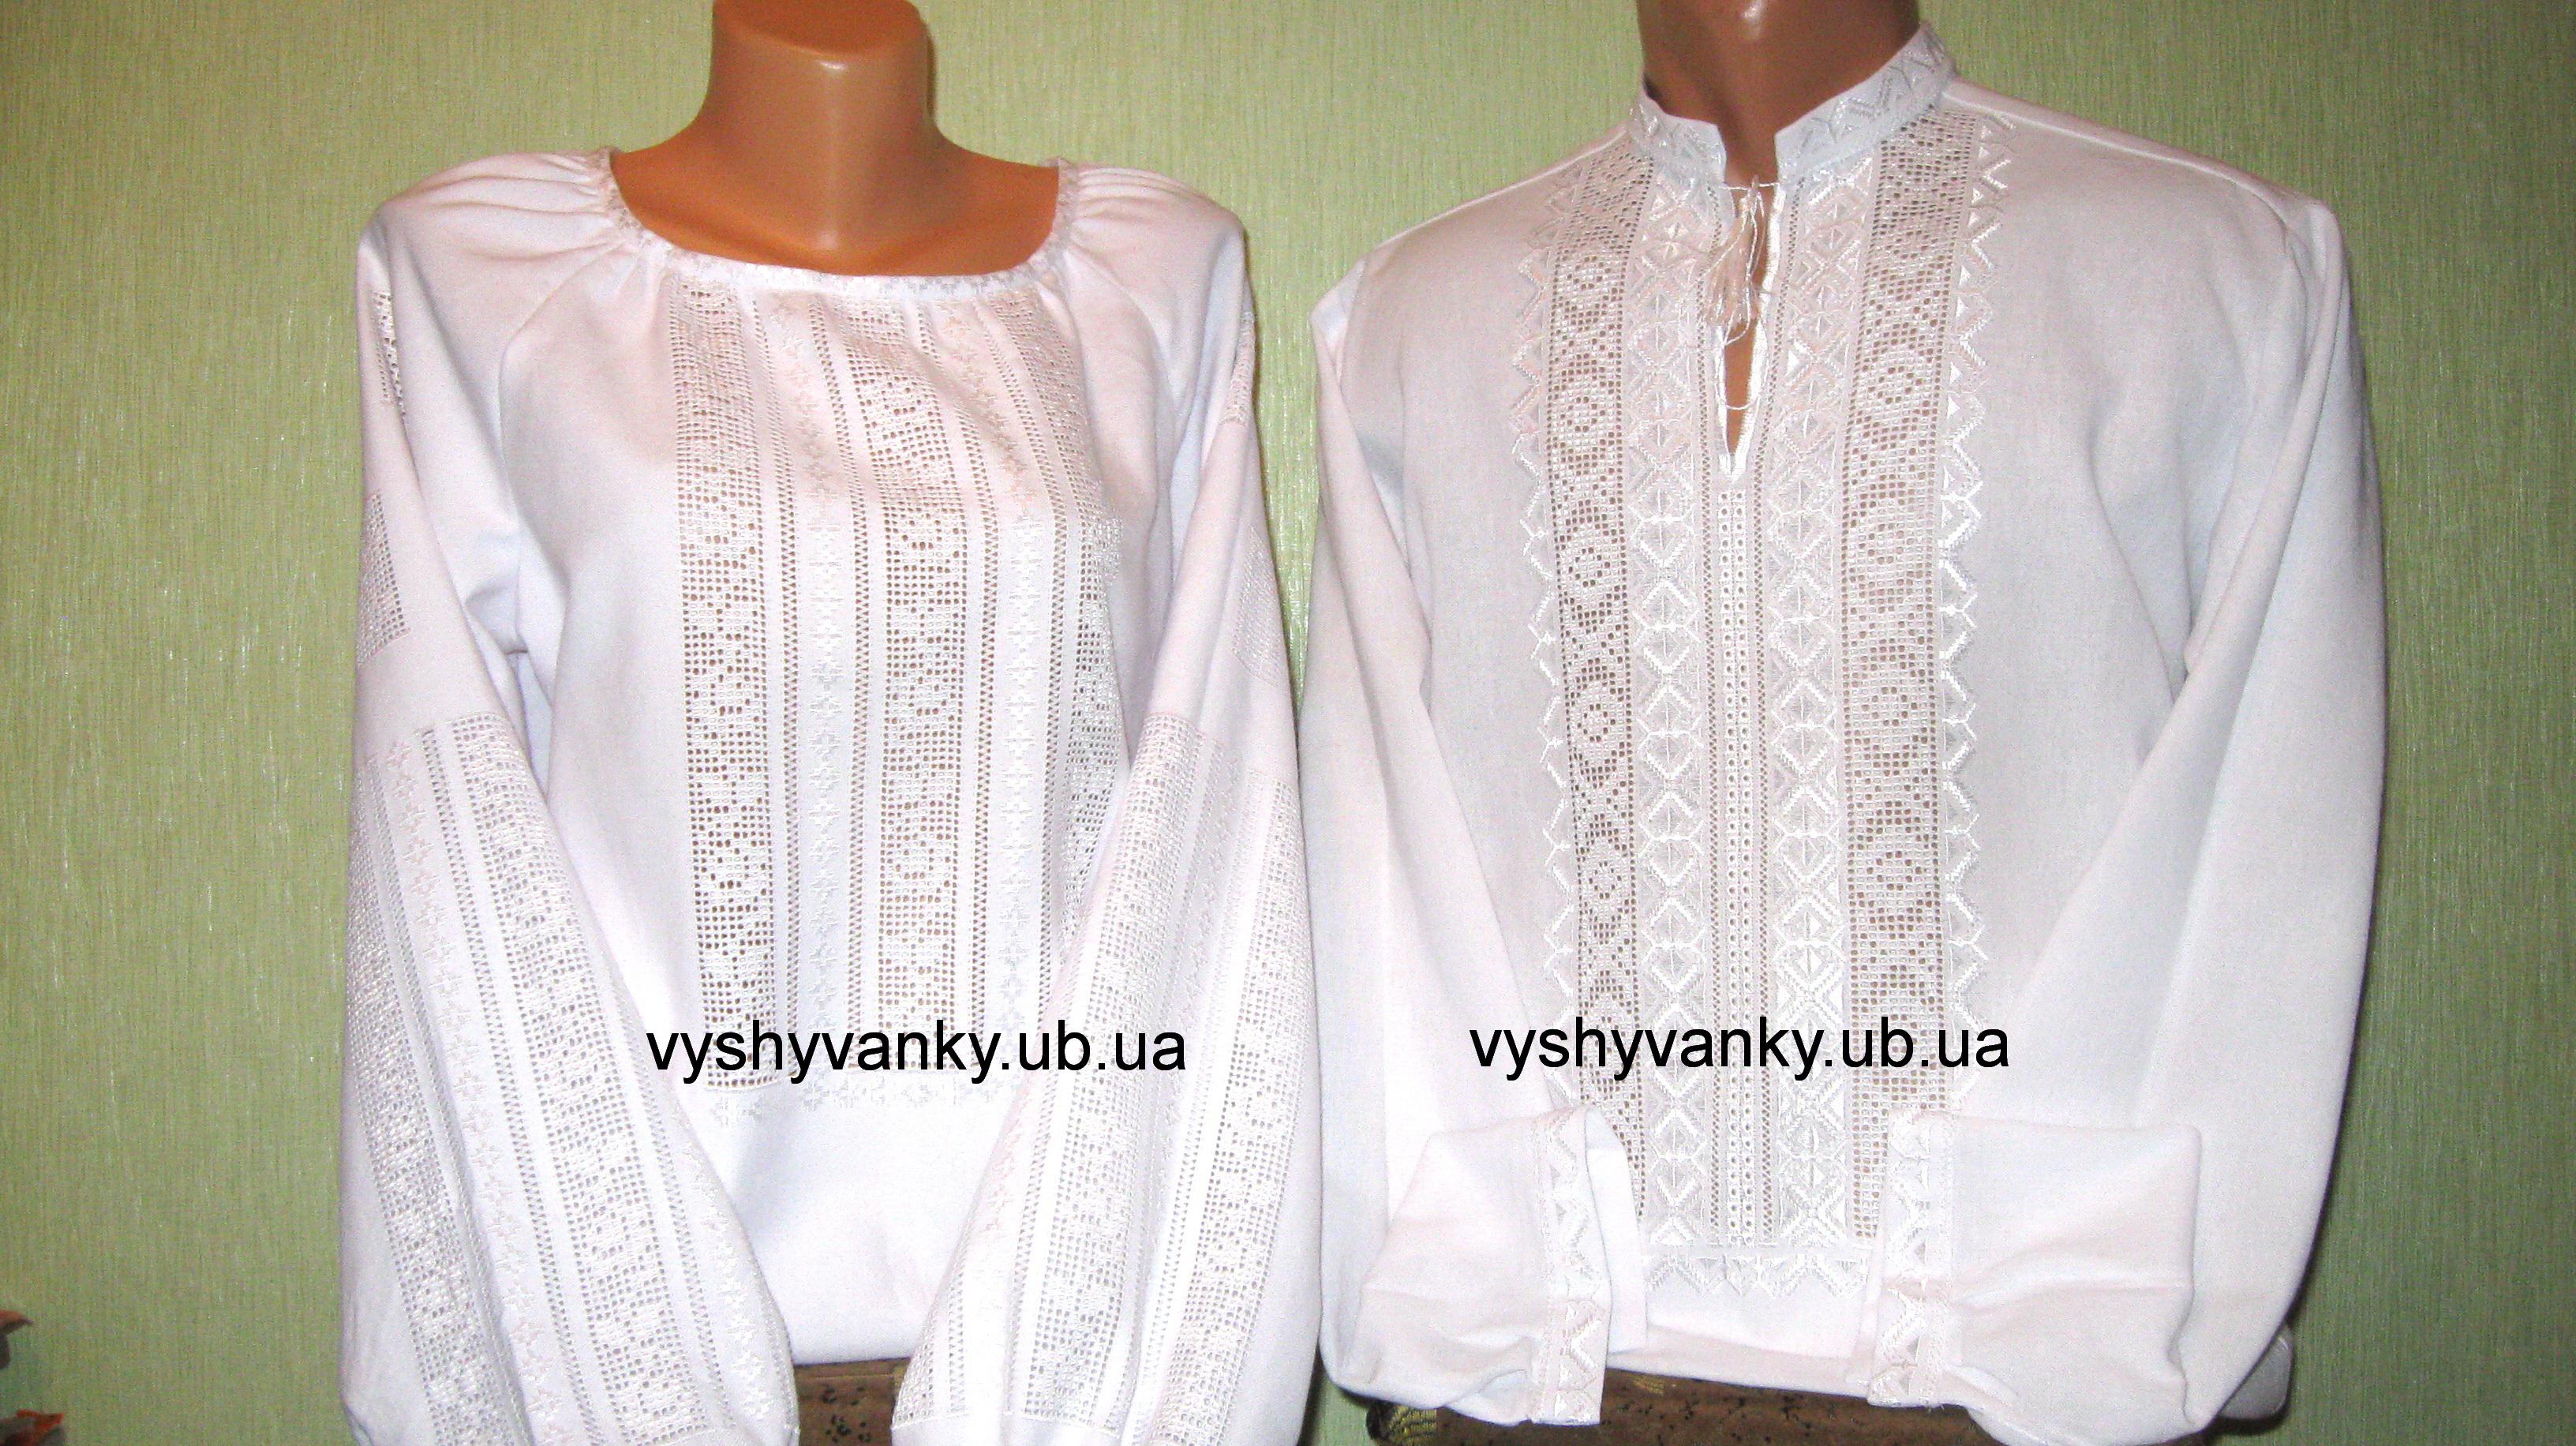 071e376e59139a Парні вишиванки білим по білому. Полтавська вишивка. ціна, купити ...